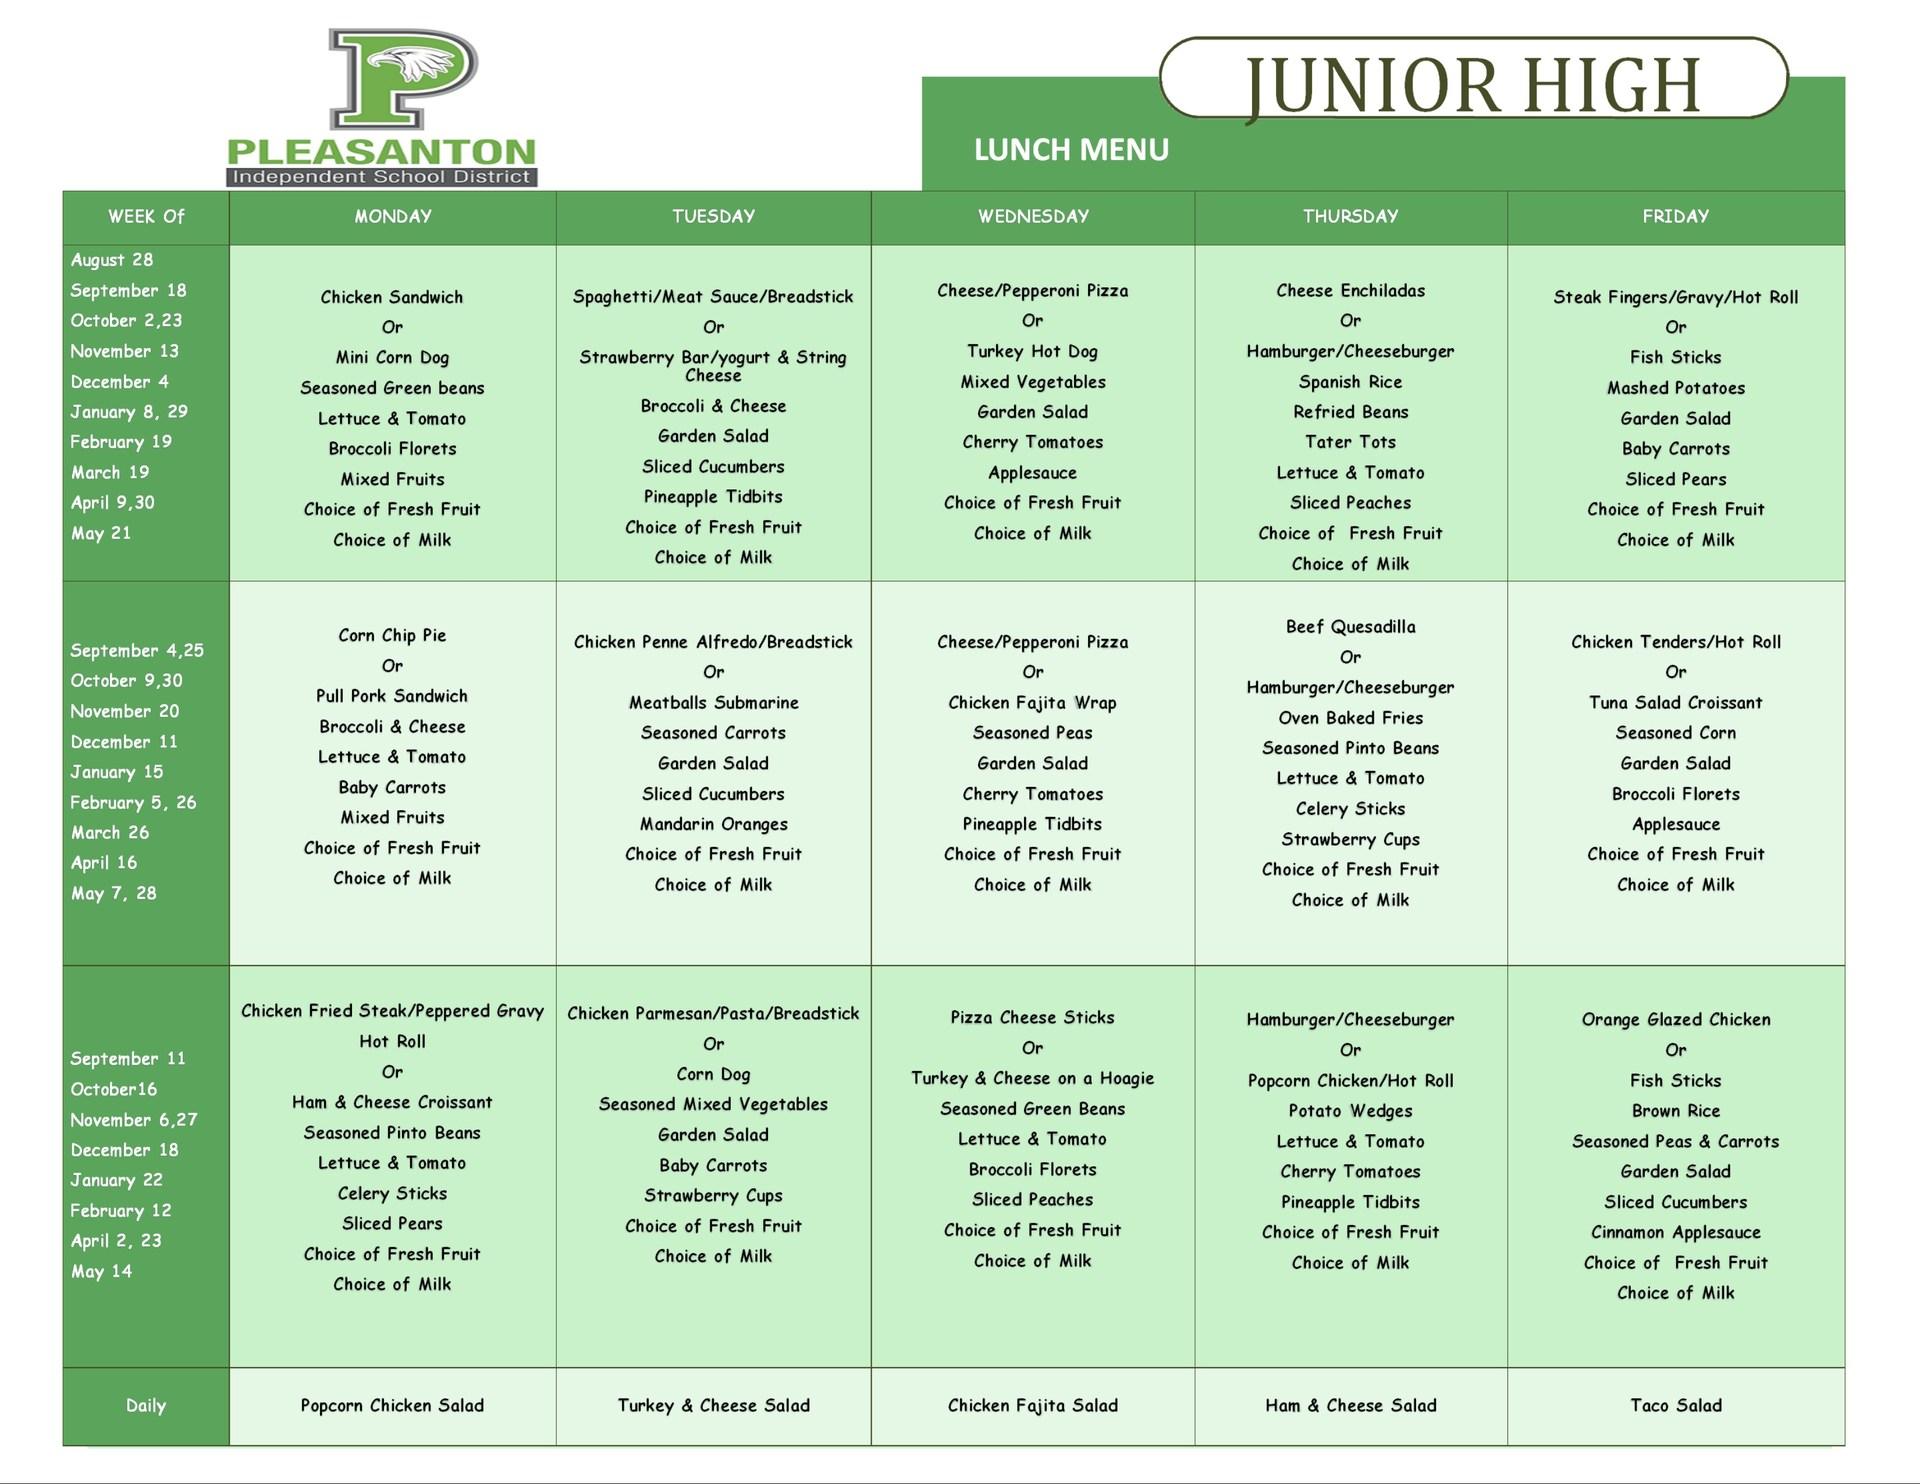 JH lunch menu